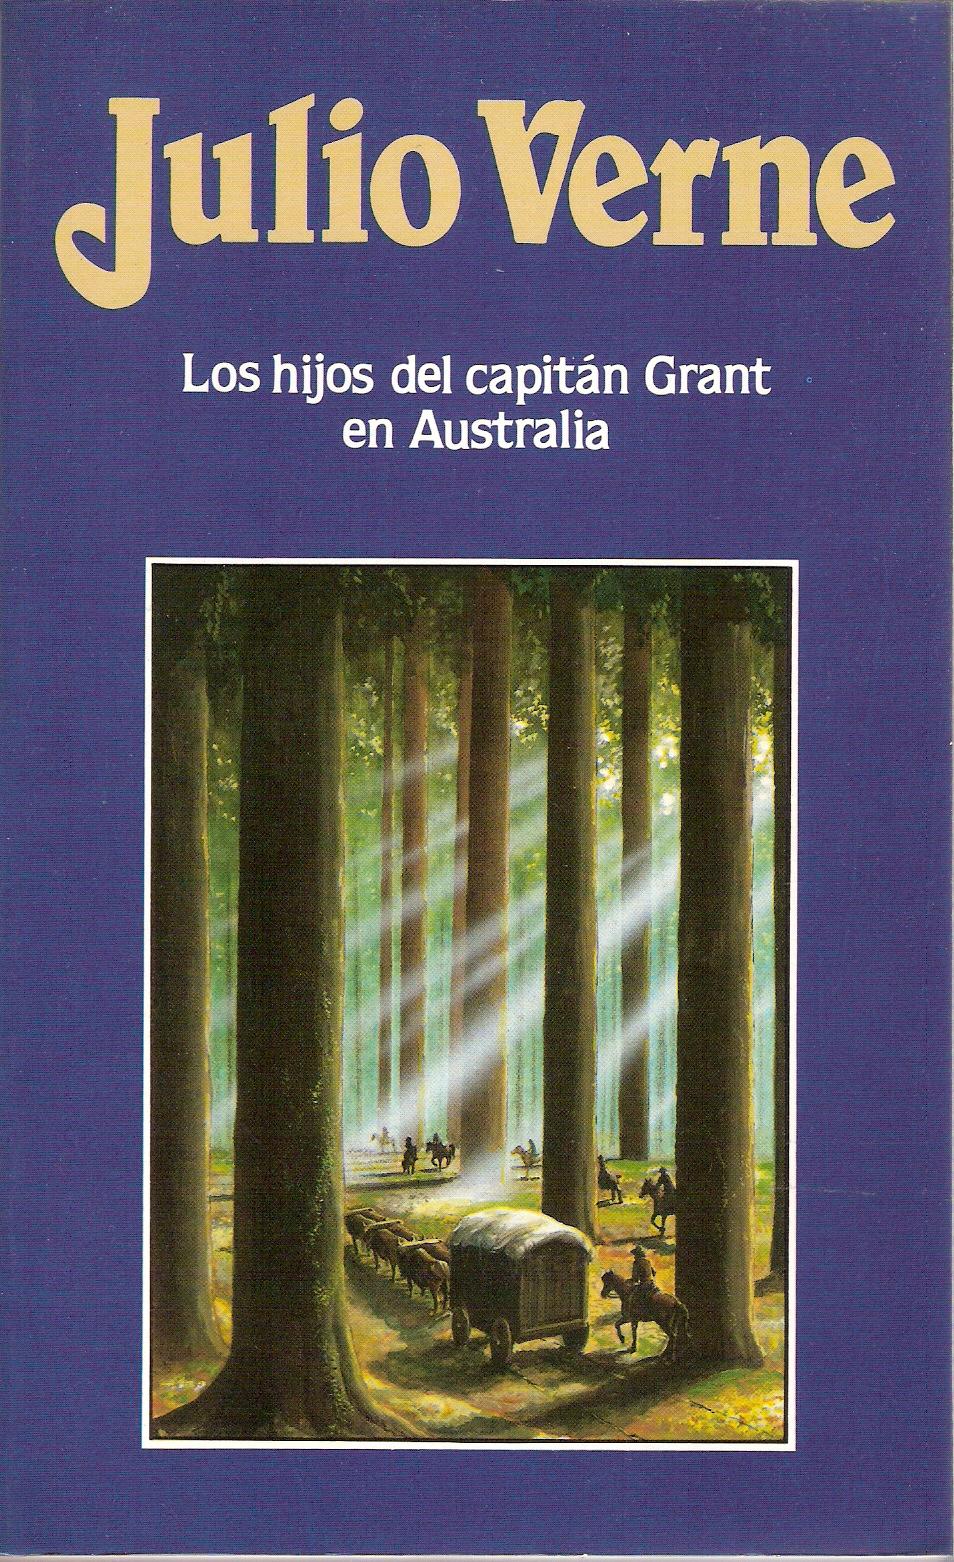 Los hijos del capitán Grant en Australia